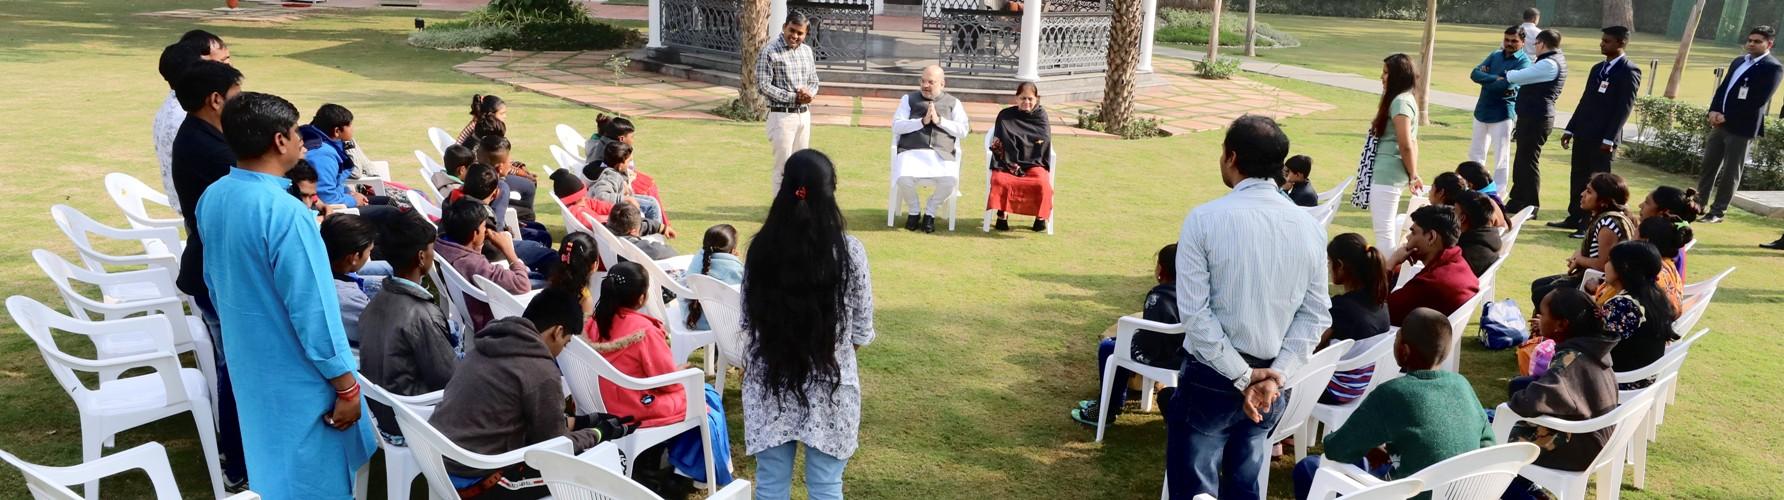 केन्द्रीय गृहमंत्री श्री अमित शाह से समग्र शिक्षा अभियान के अंतर्गत अभ्यासरत गुजरात के 38 दिव्यांग बच्चों ने मुलाकात की